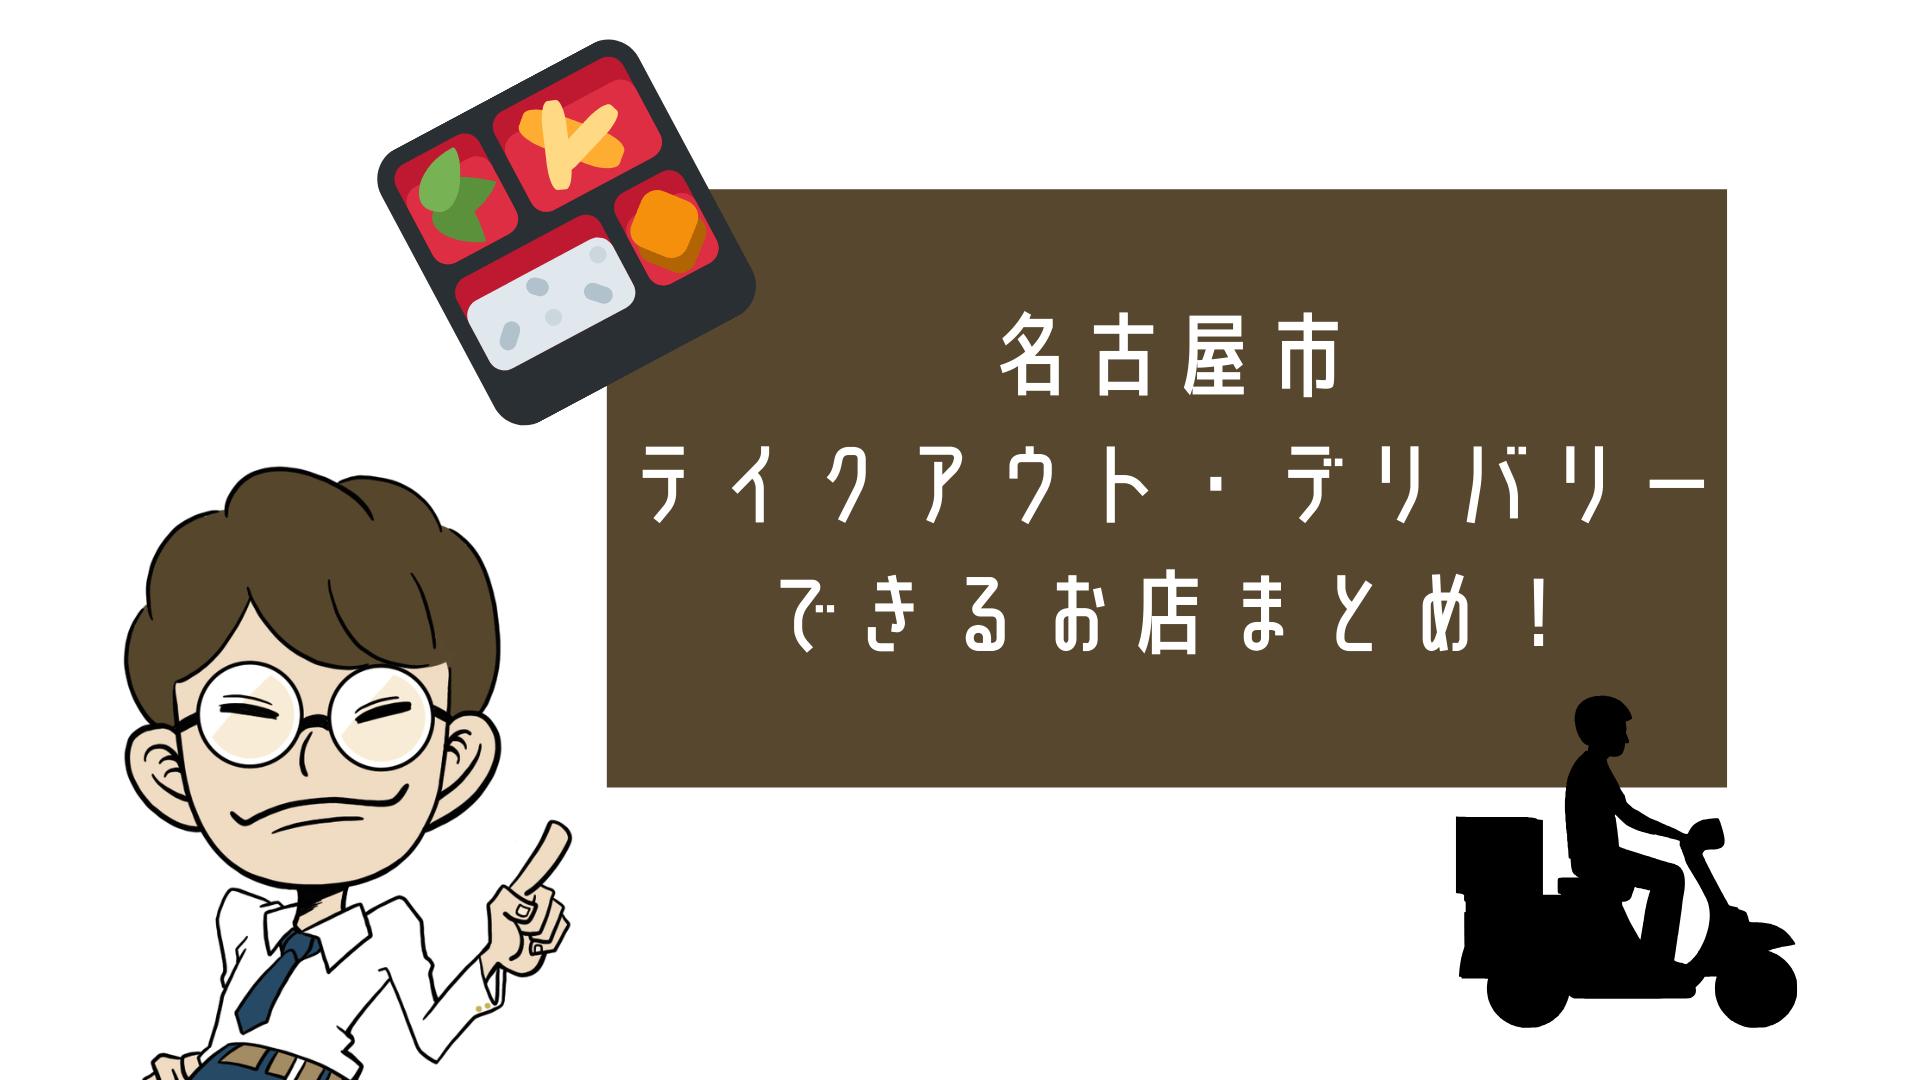 【マップあり!実際に食べてみた】名古屋市でお弁当の持ち帰り・テイクアウト・デリバリー可能な飲食店まとめ!